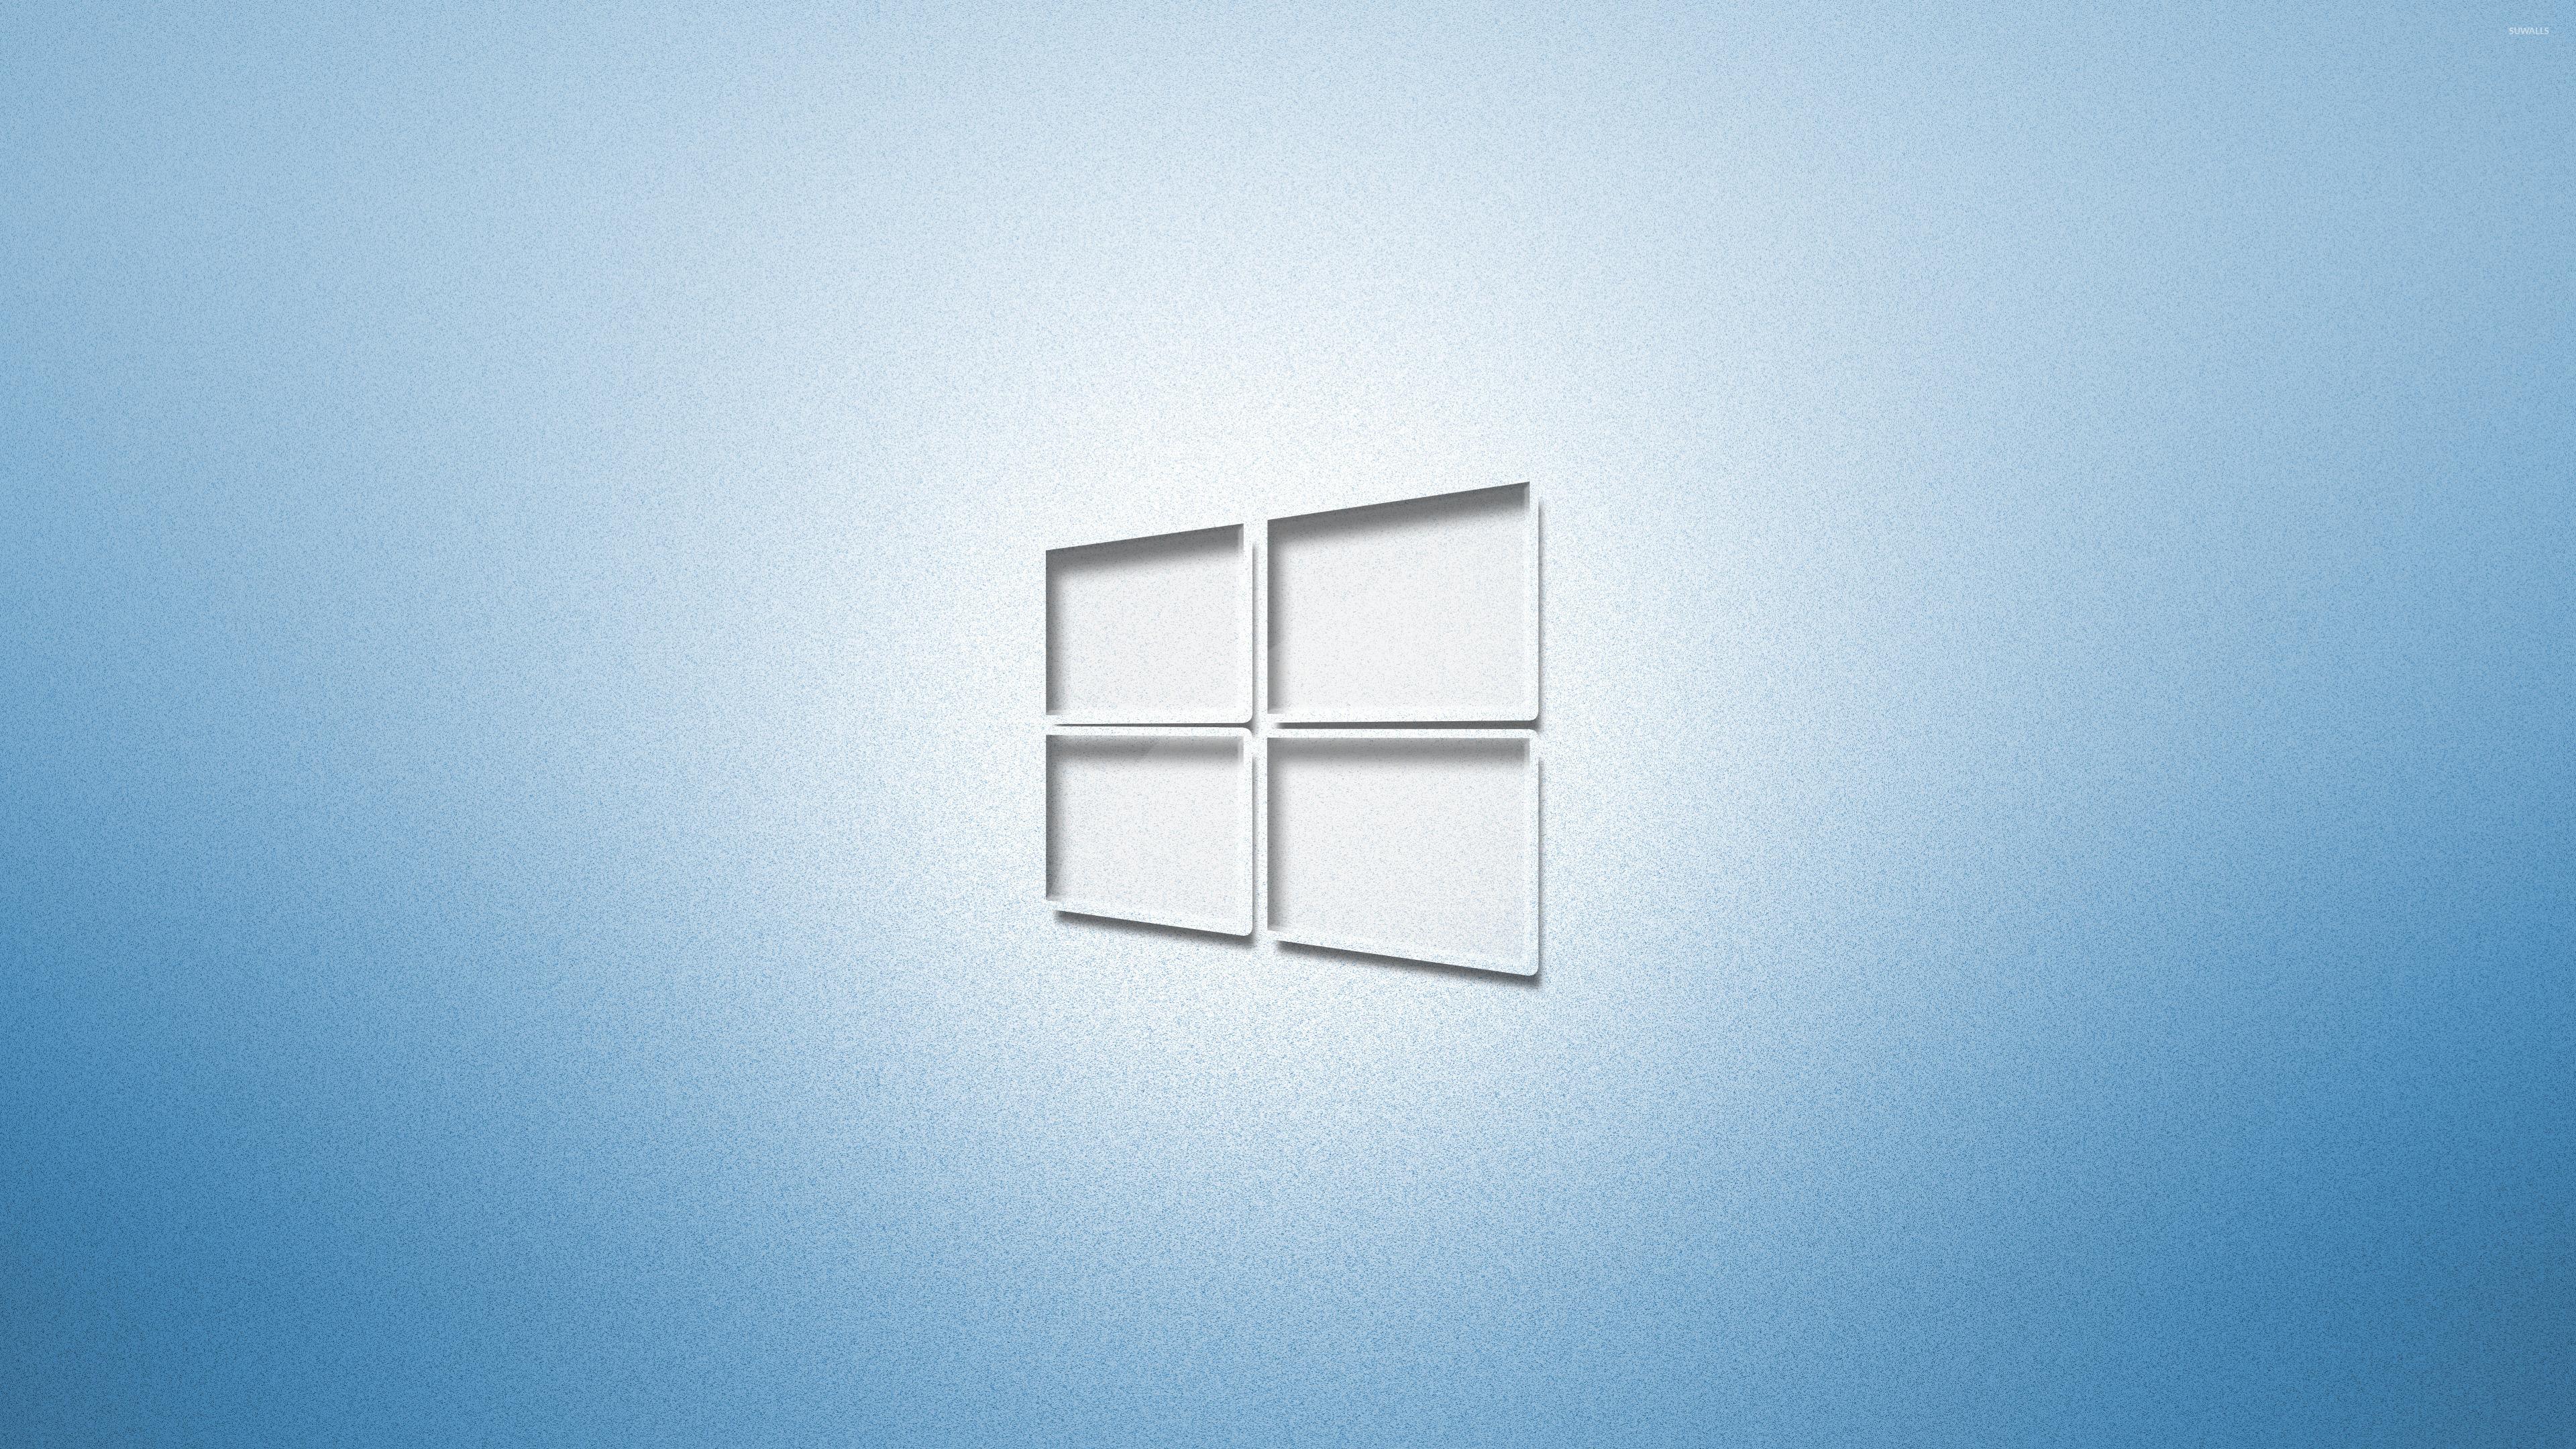 Computer Lock Screen Wallpapers Girls Glass Windows 10 On Light Blue Wallpaper Computer